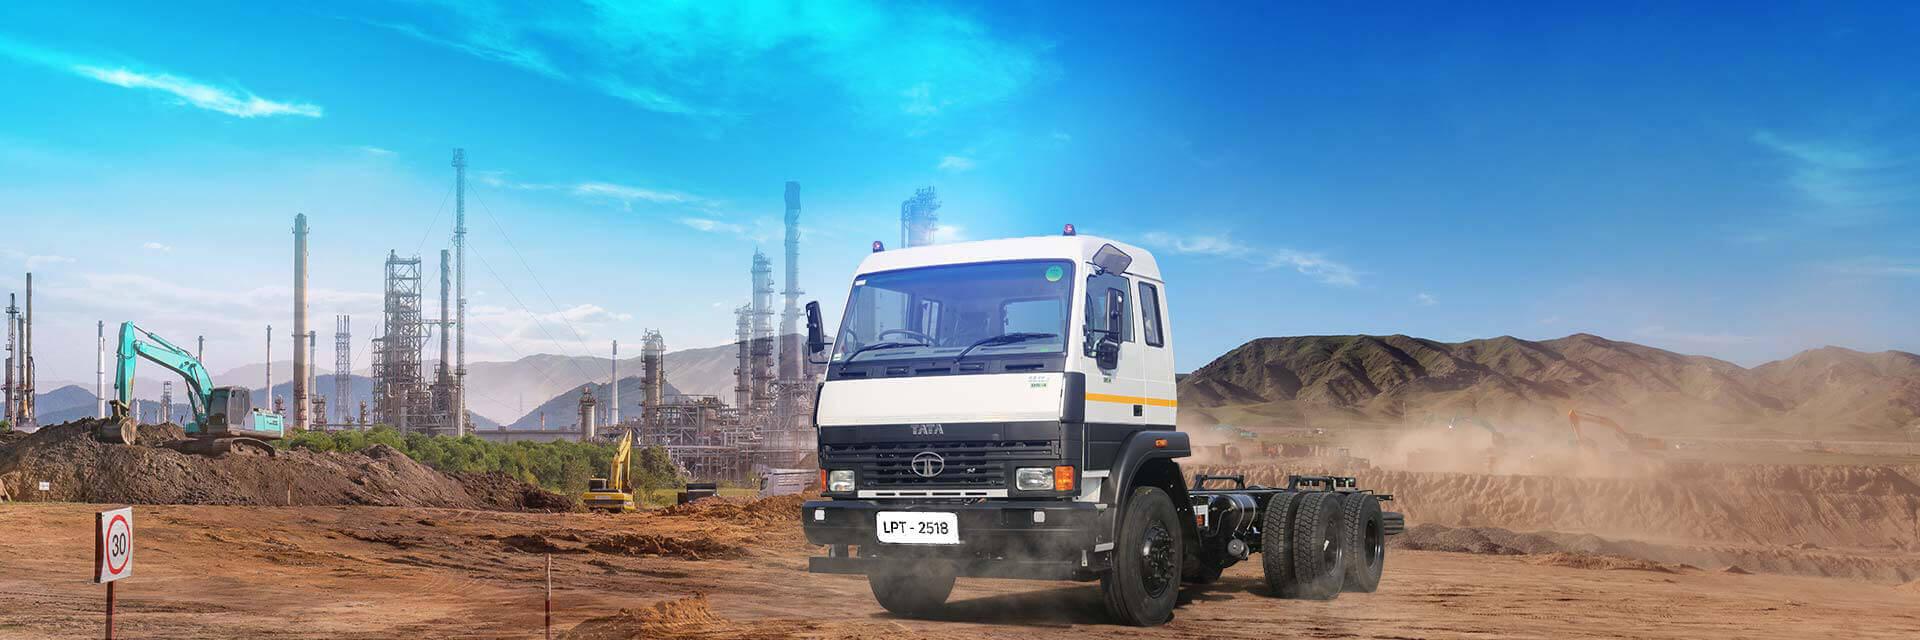 banner trucks lpt 2518